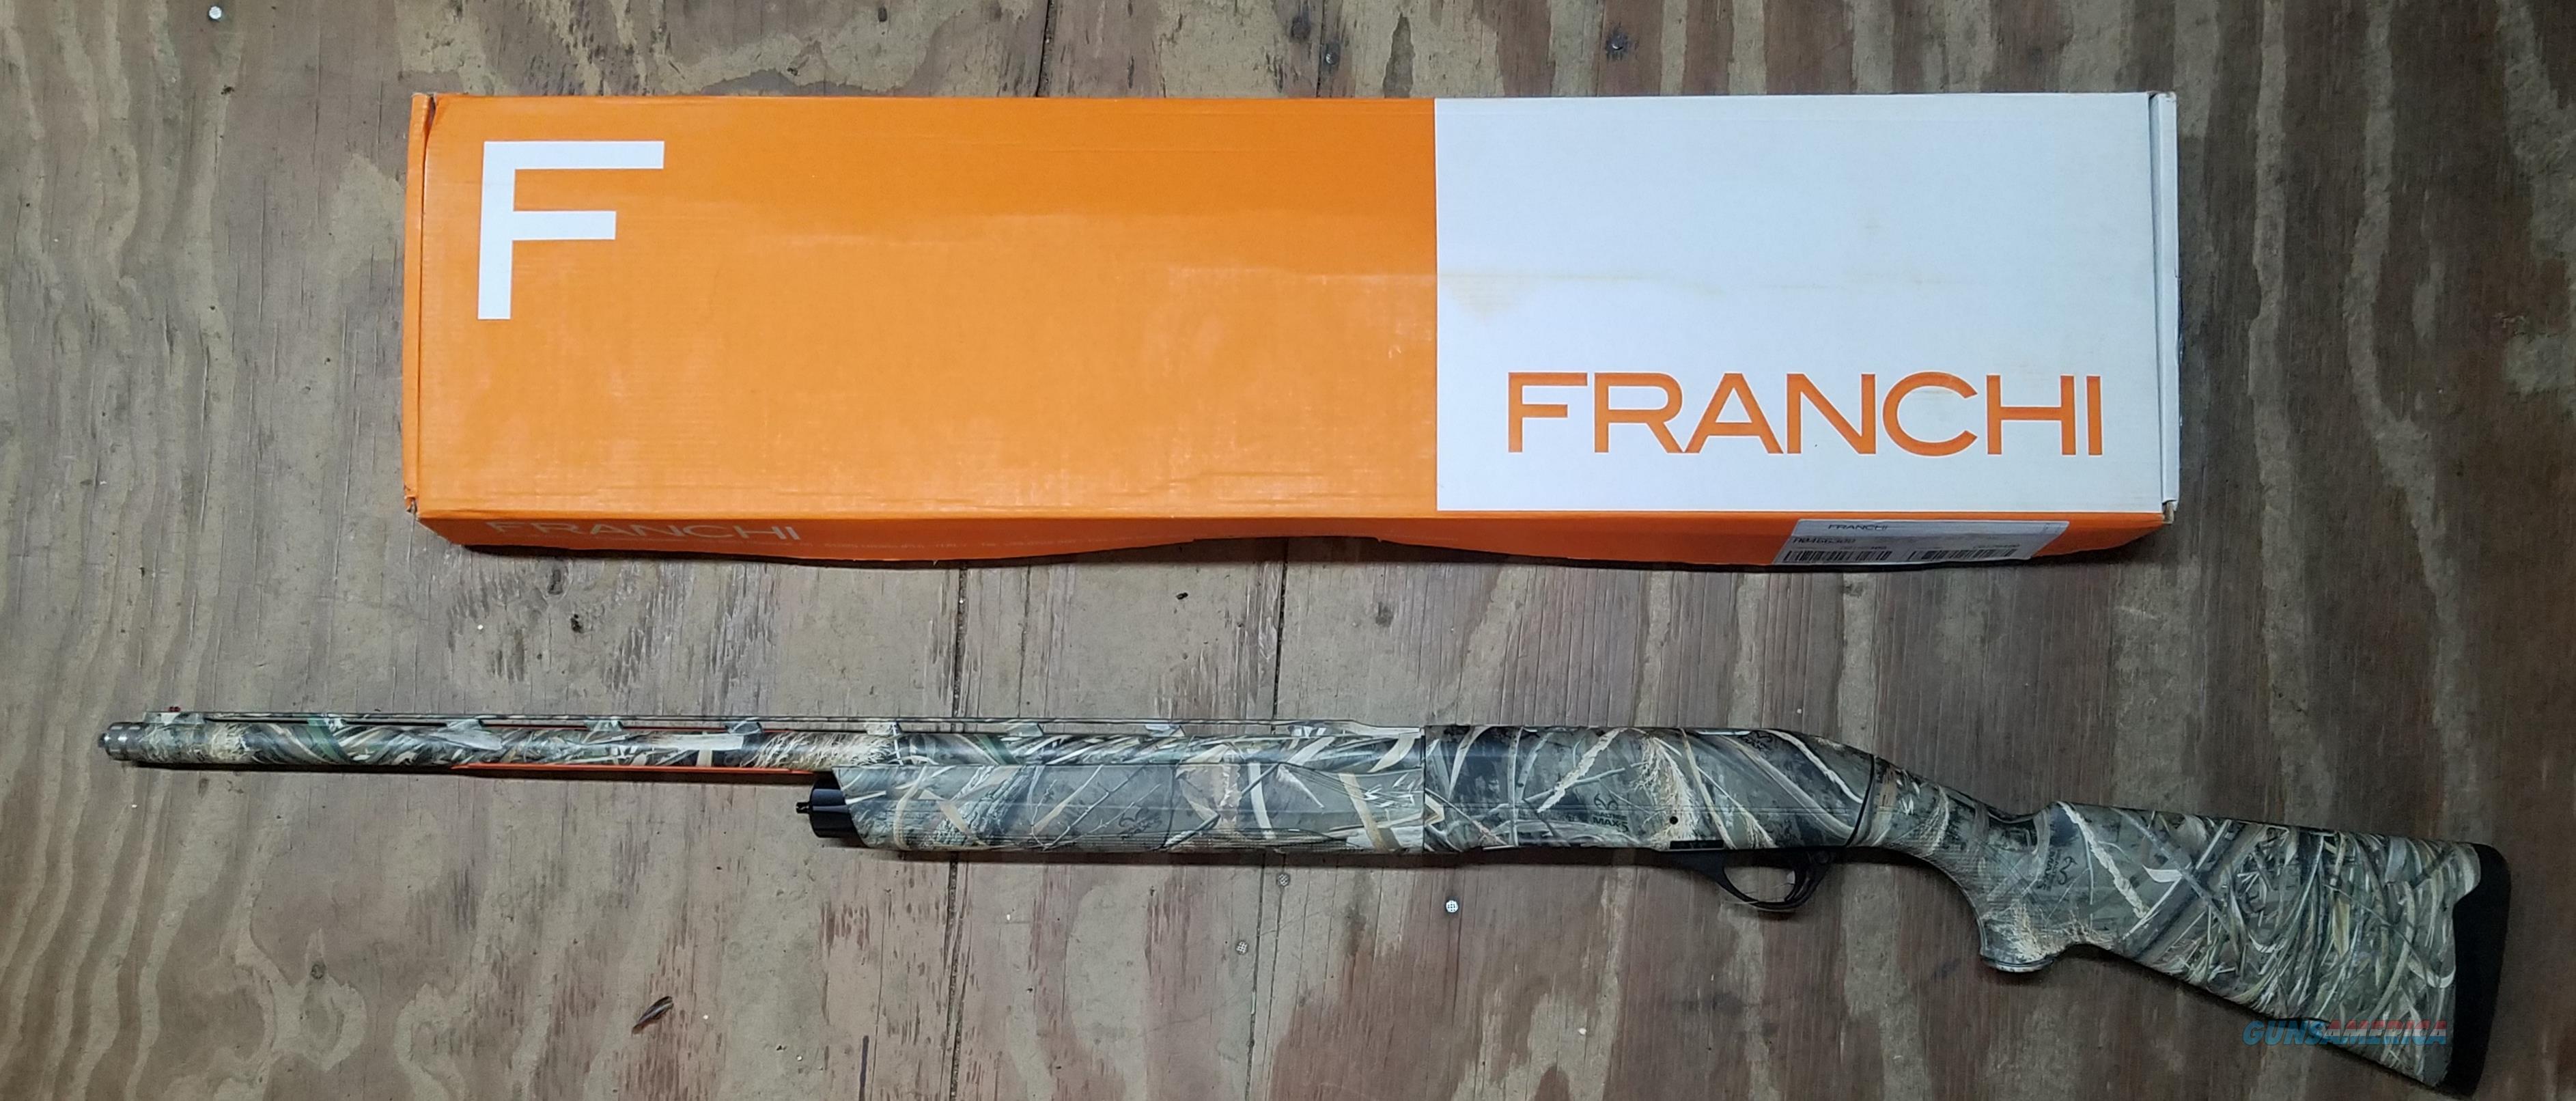 Franchi Intensity 12 Gauge Shotgun Real Tree Max 5 Camo 40937  Guns > Shotguns > Franchi Shotguns > Auto Pump > Hunting